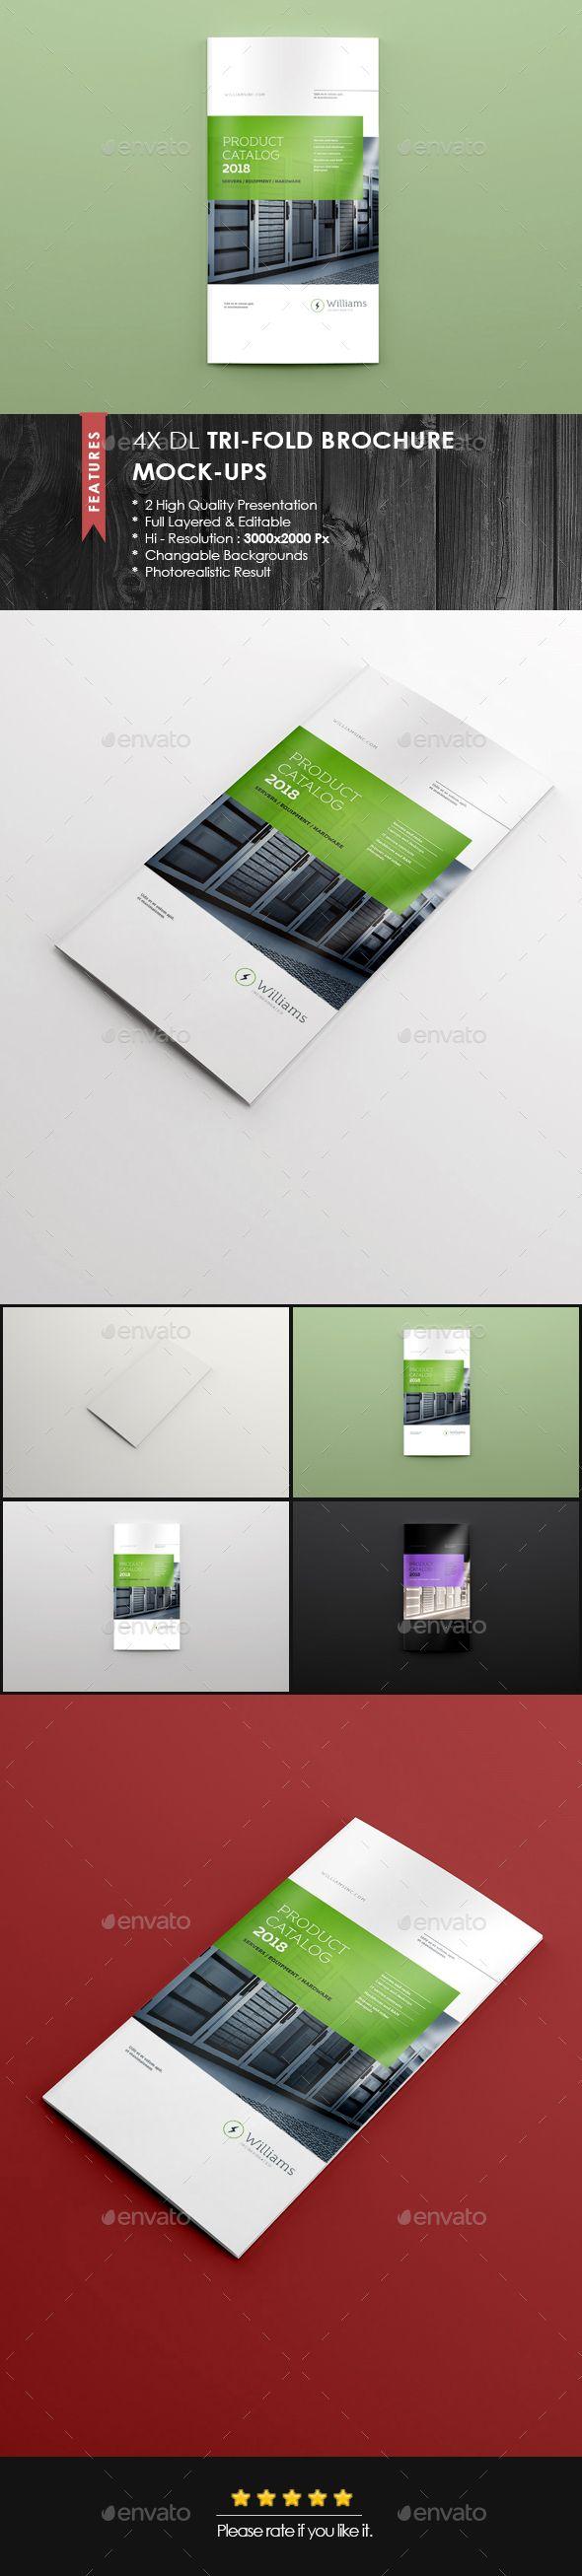 572 best Brochure Mockup Template images – Gate Fold Brochure Mockup